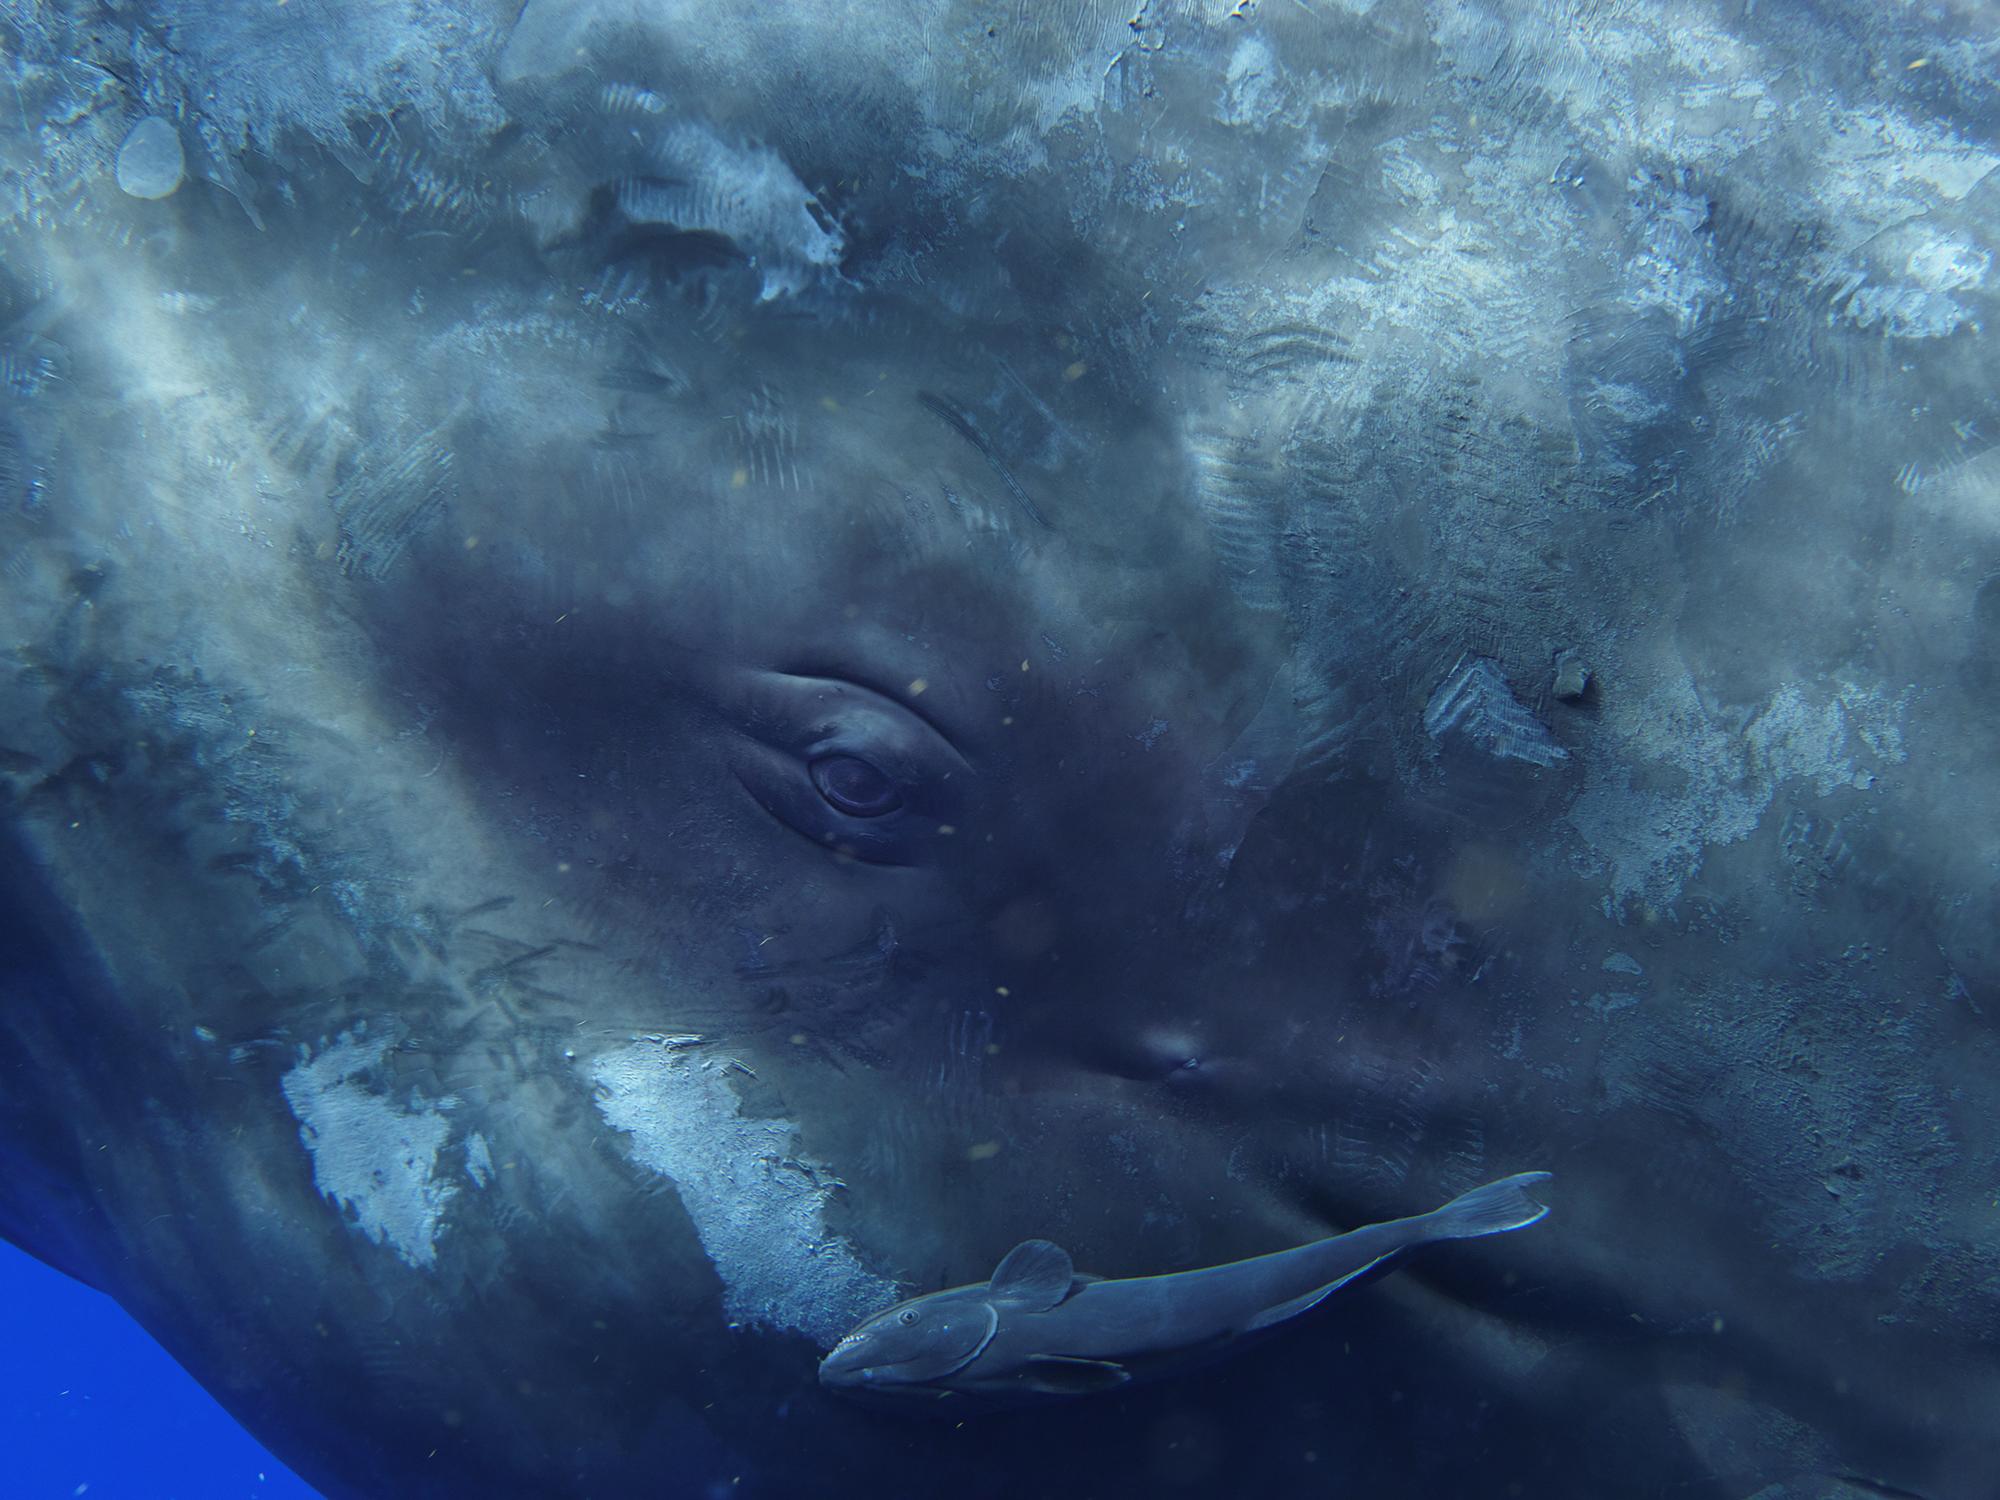 Sperm Whale Portrait 0321, 2009